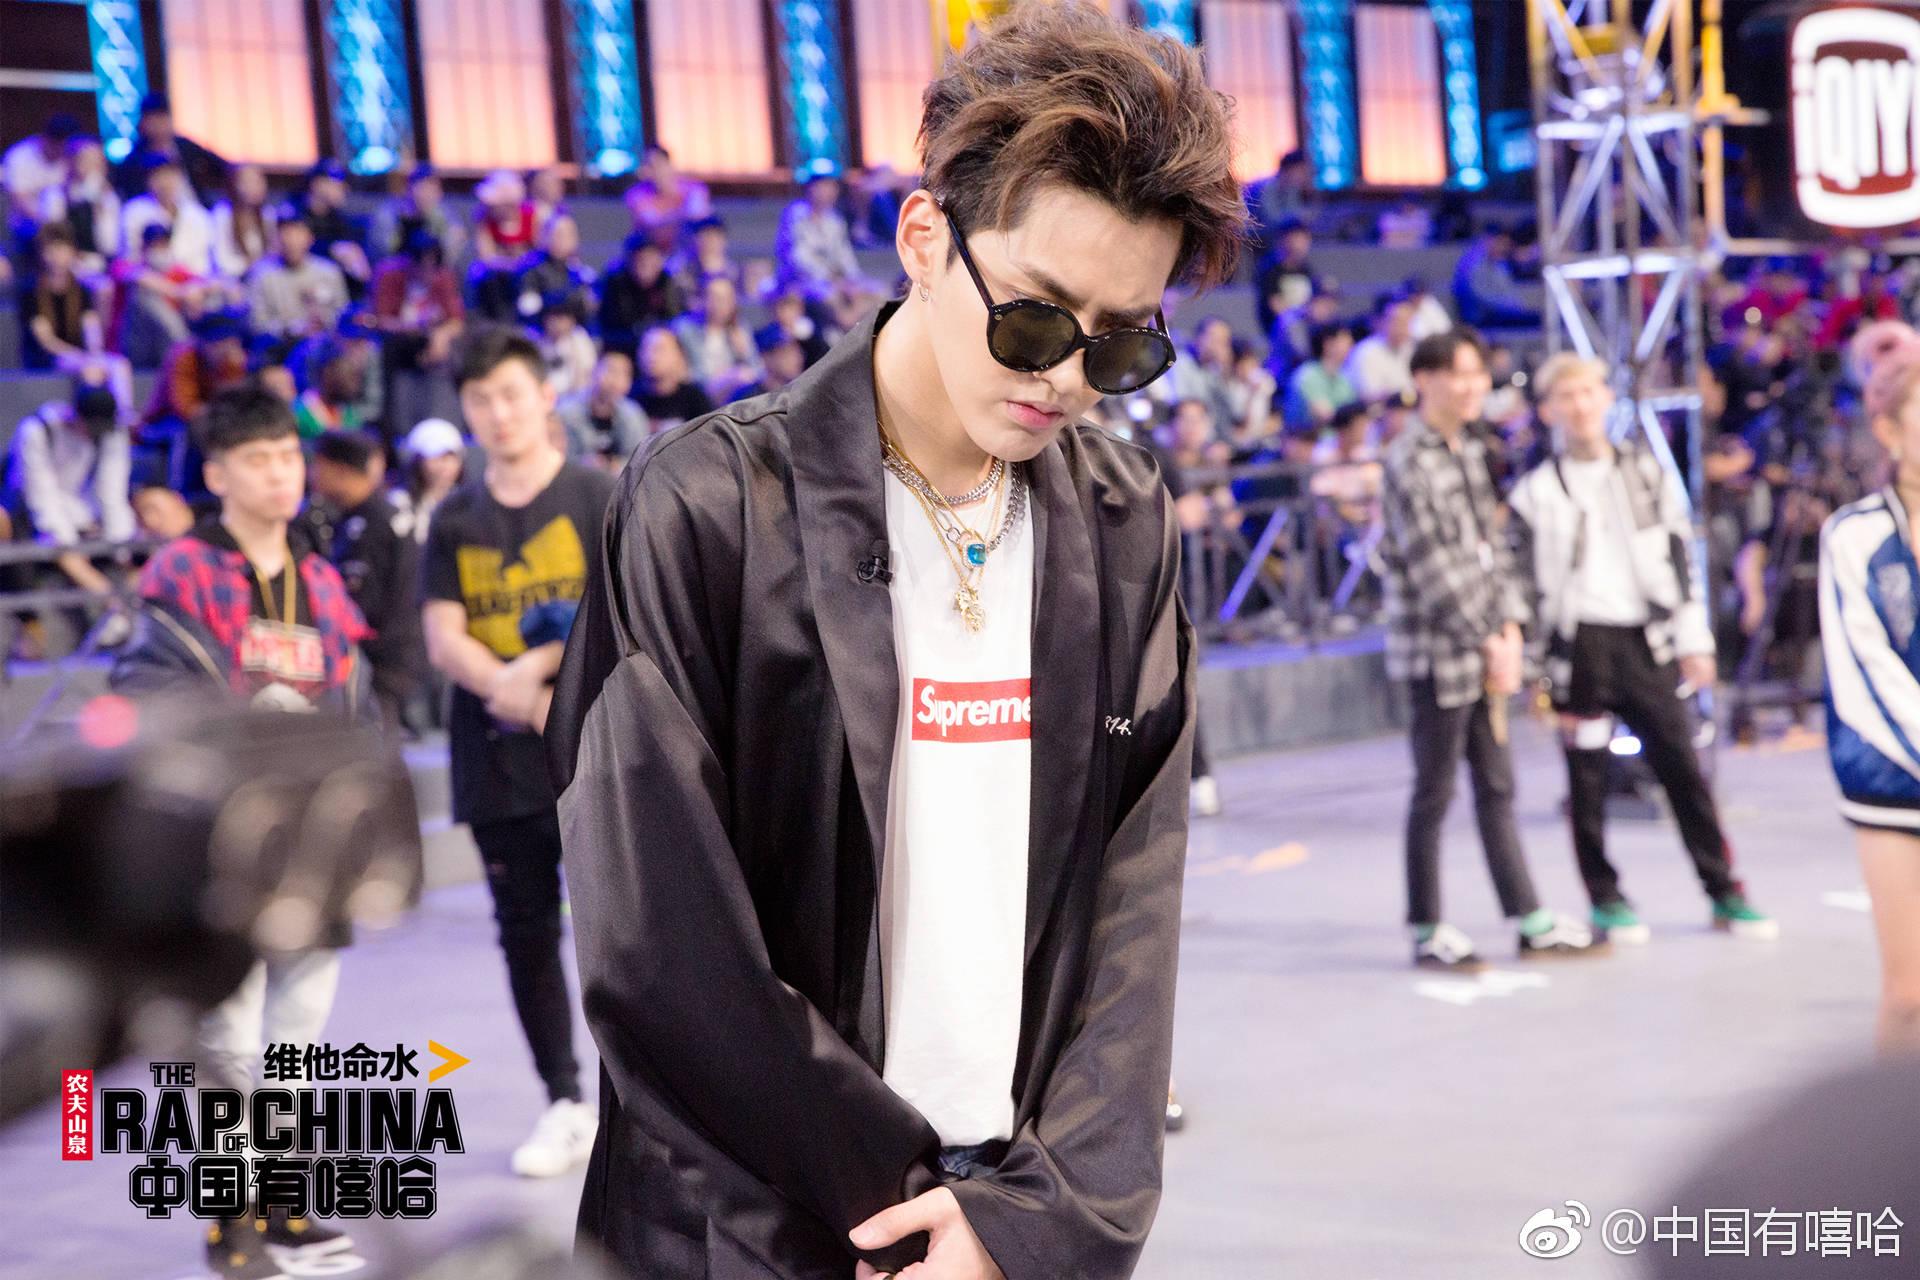 《中国有嘻哈》开放明星制作人公演门票 遭千万网友疯抢